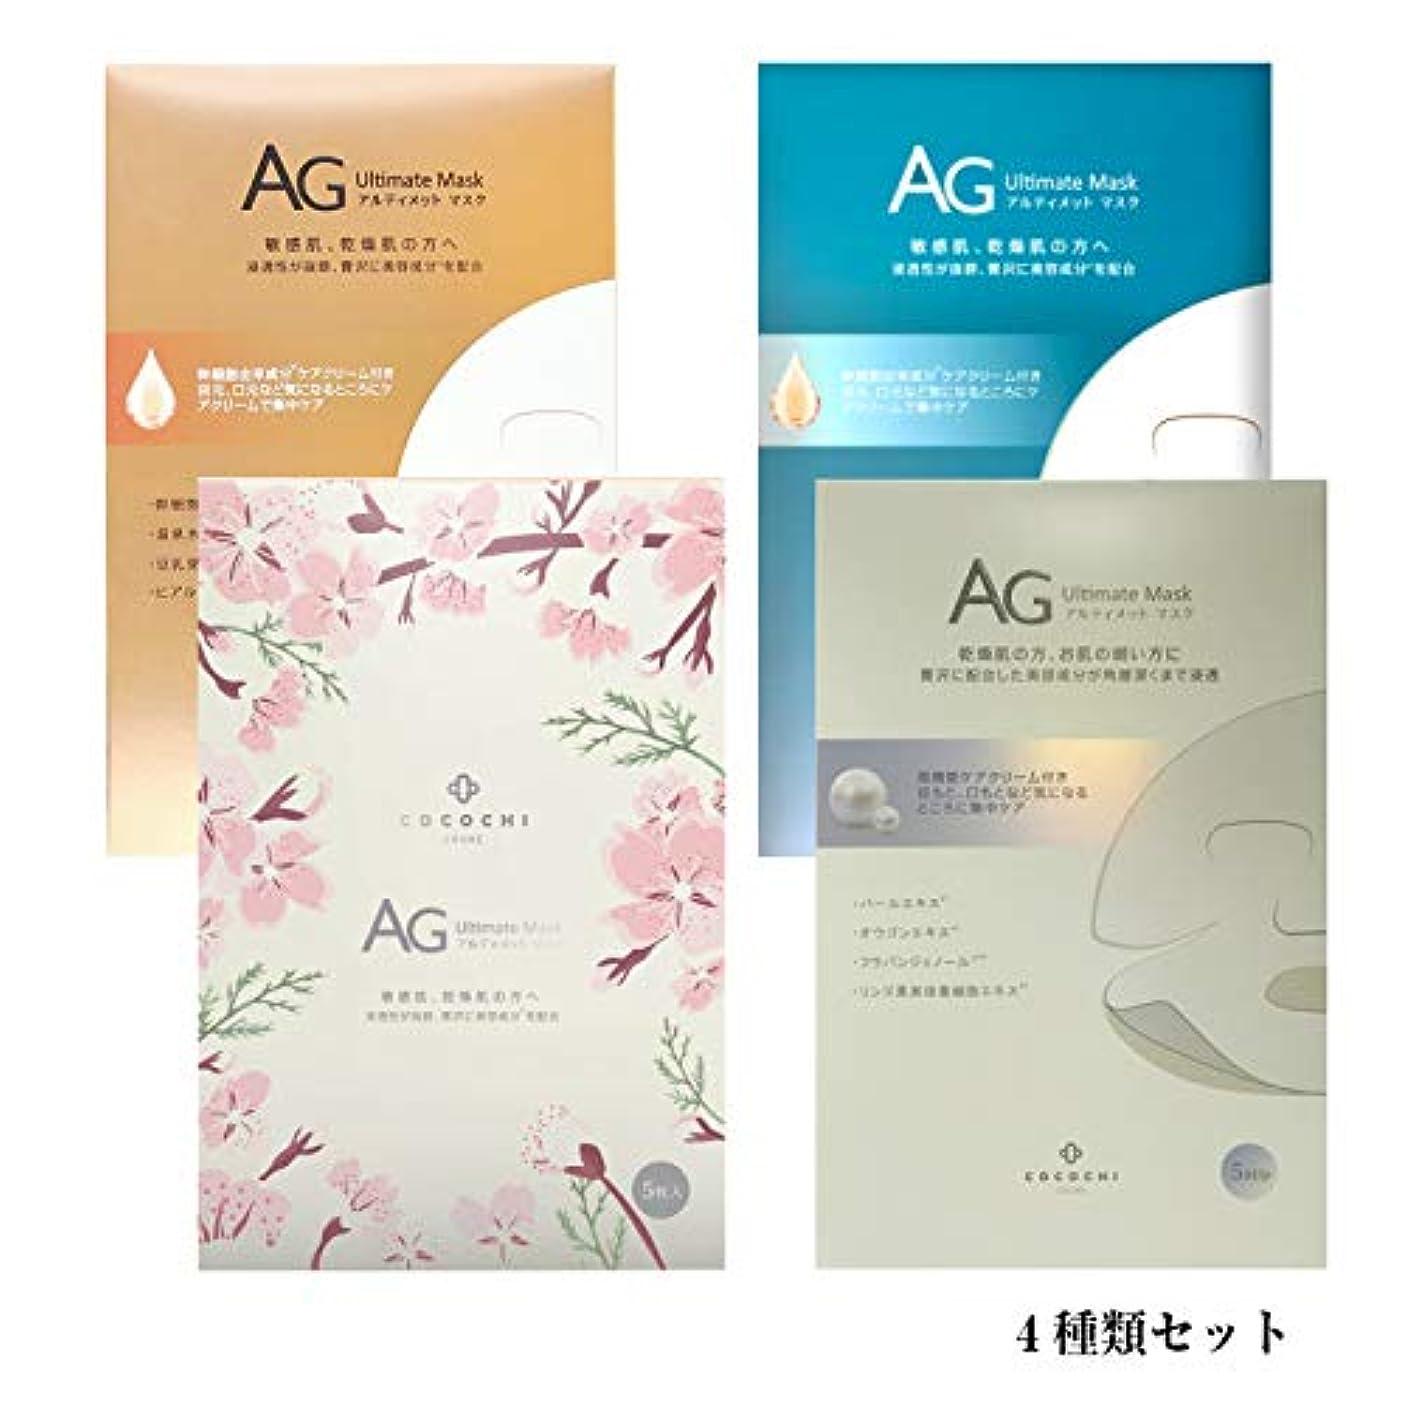 設計図地球哺乳類AGアルティメットマスク 4種類セット AG アルティメットマスク/オーシャンマスク/さくら/アコヤ真珠マスク